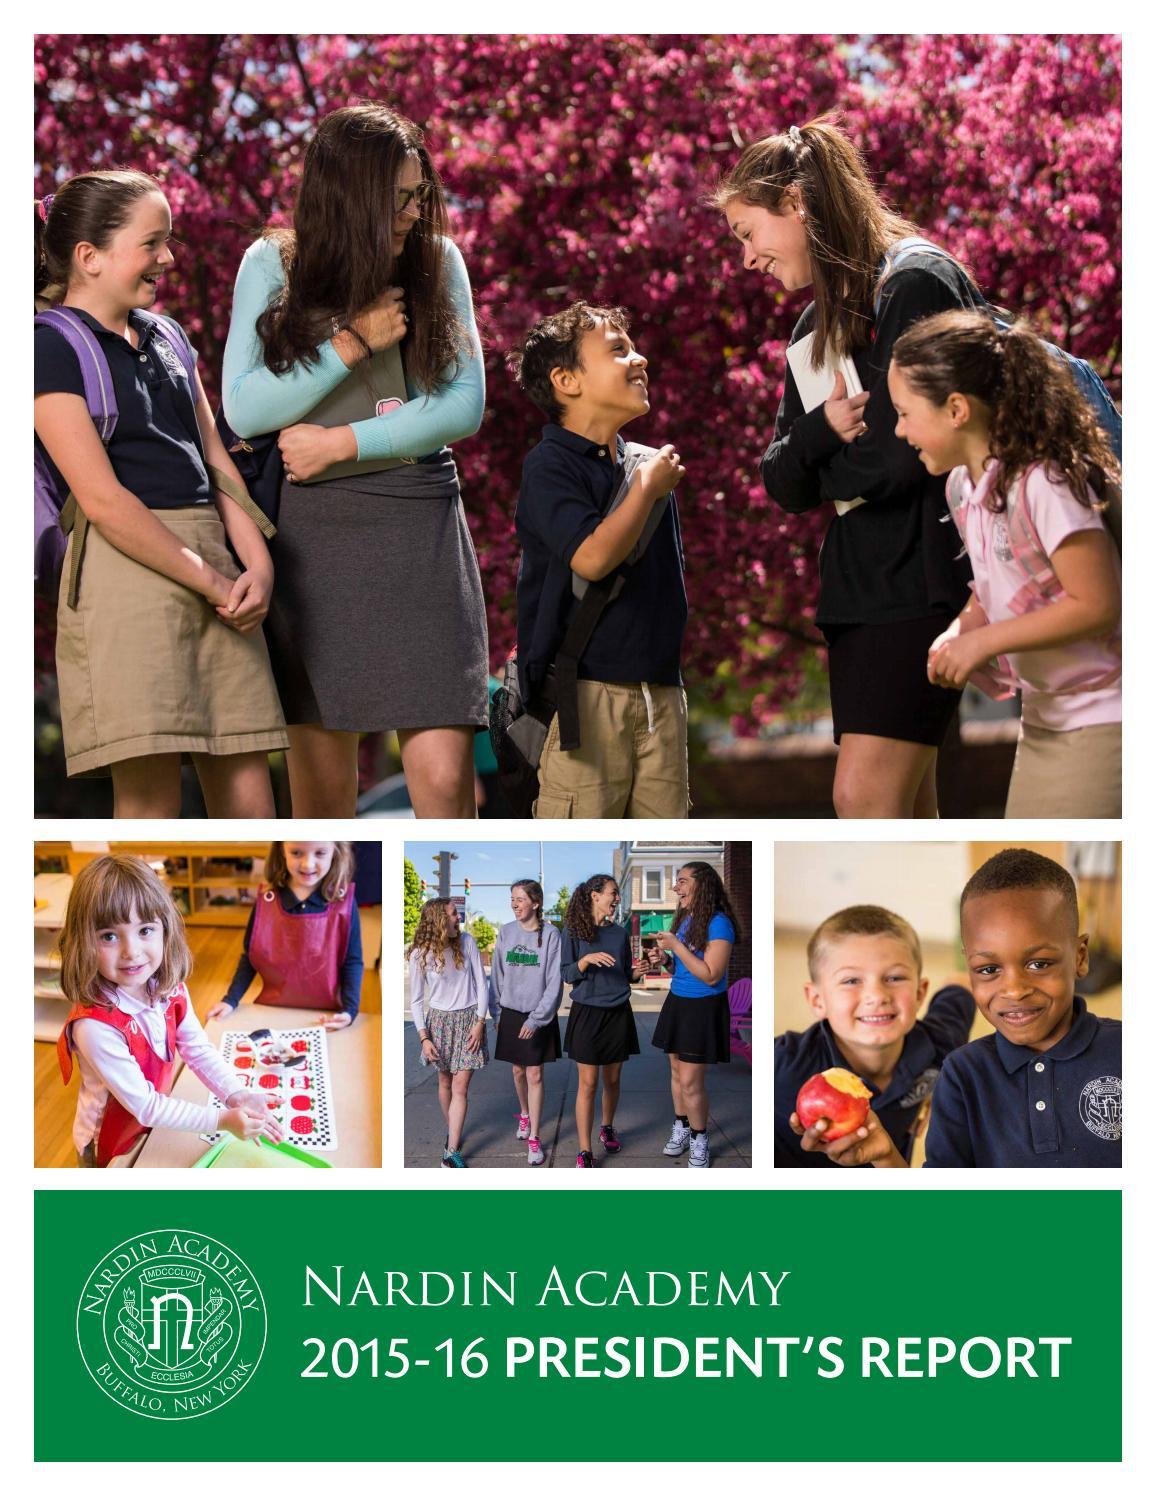 il migliore nuova alta qualità caldo-vendita President's Report 2015-16 by Nardin Academy - issuu